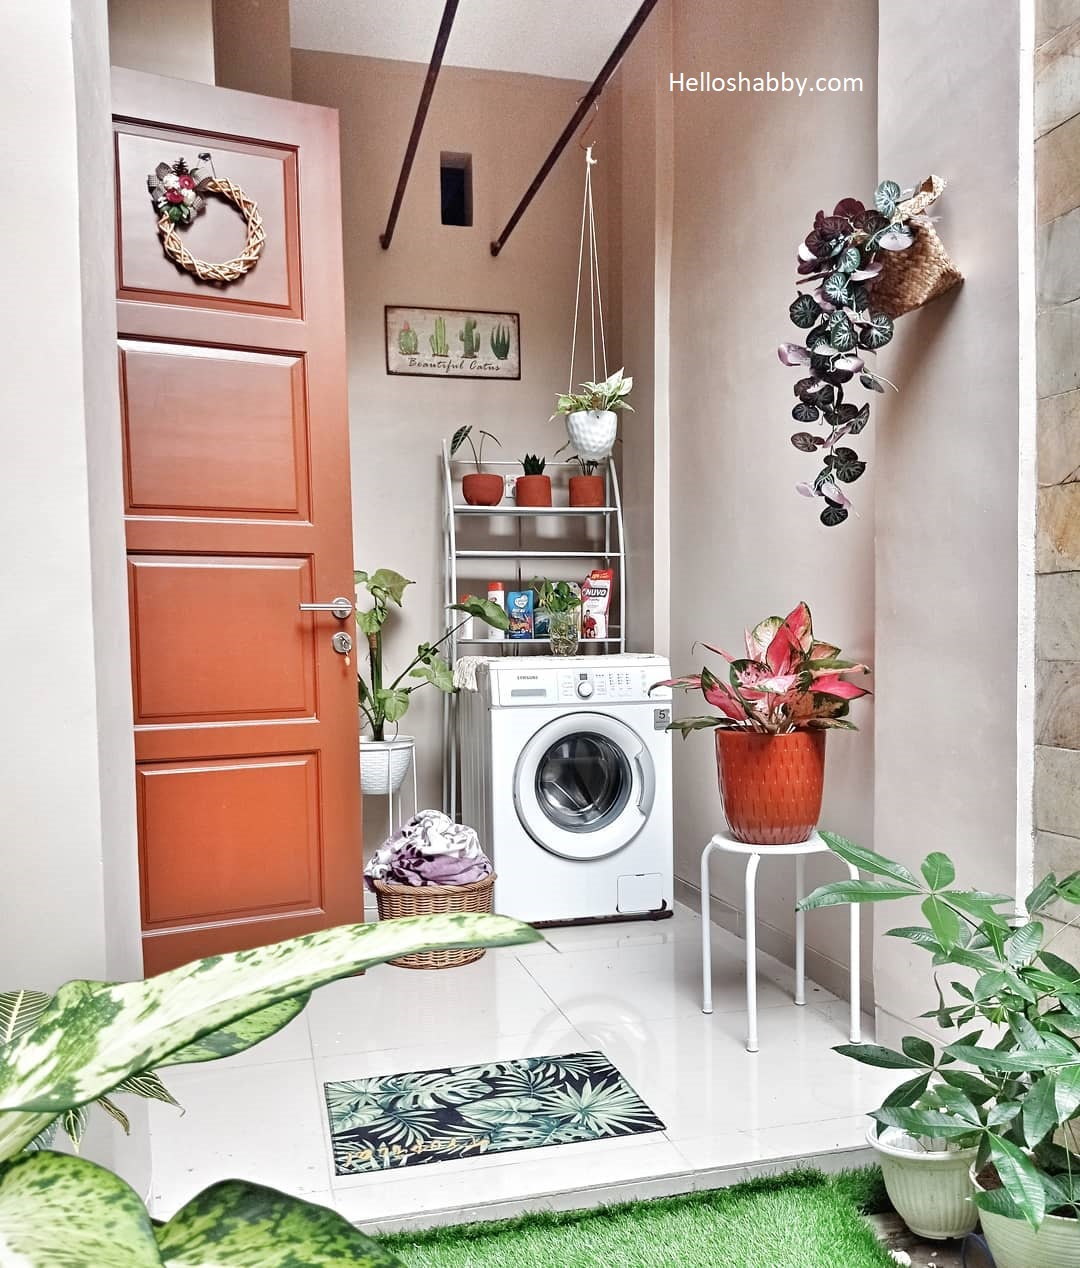 Ide Ruang Cuci Minimalis di Lahan Sempit